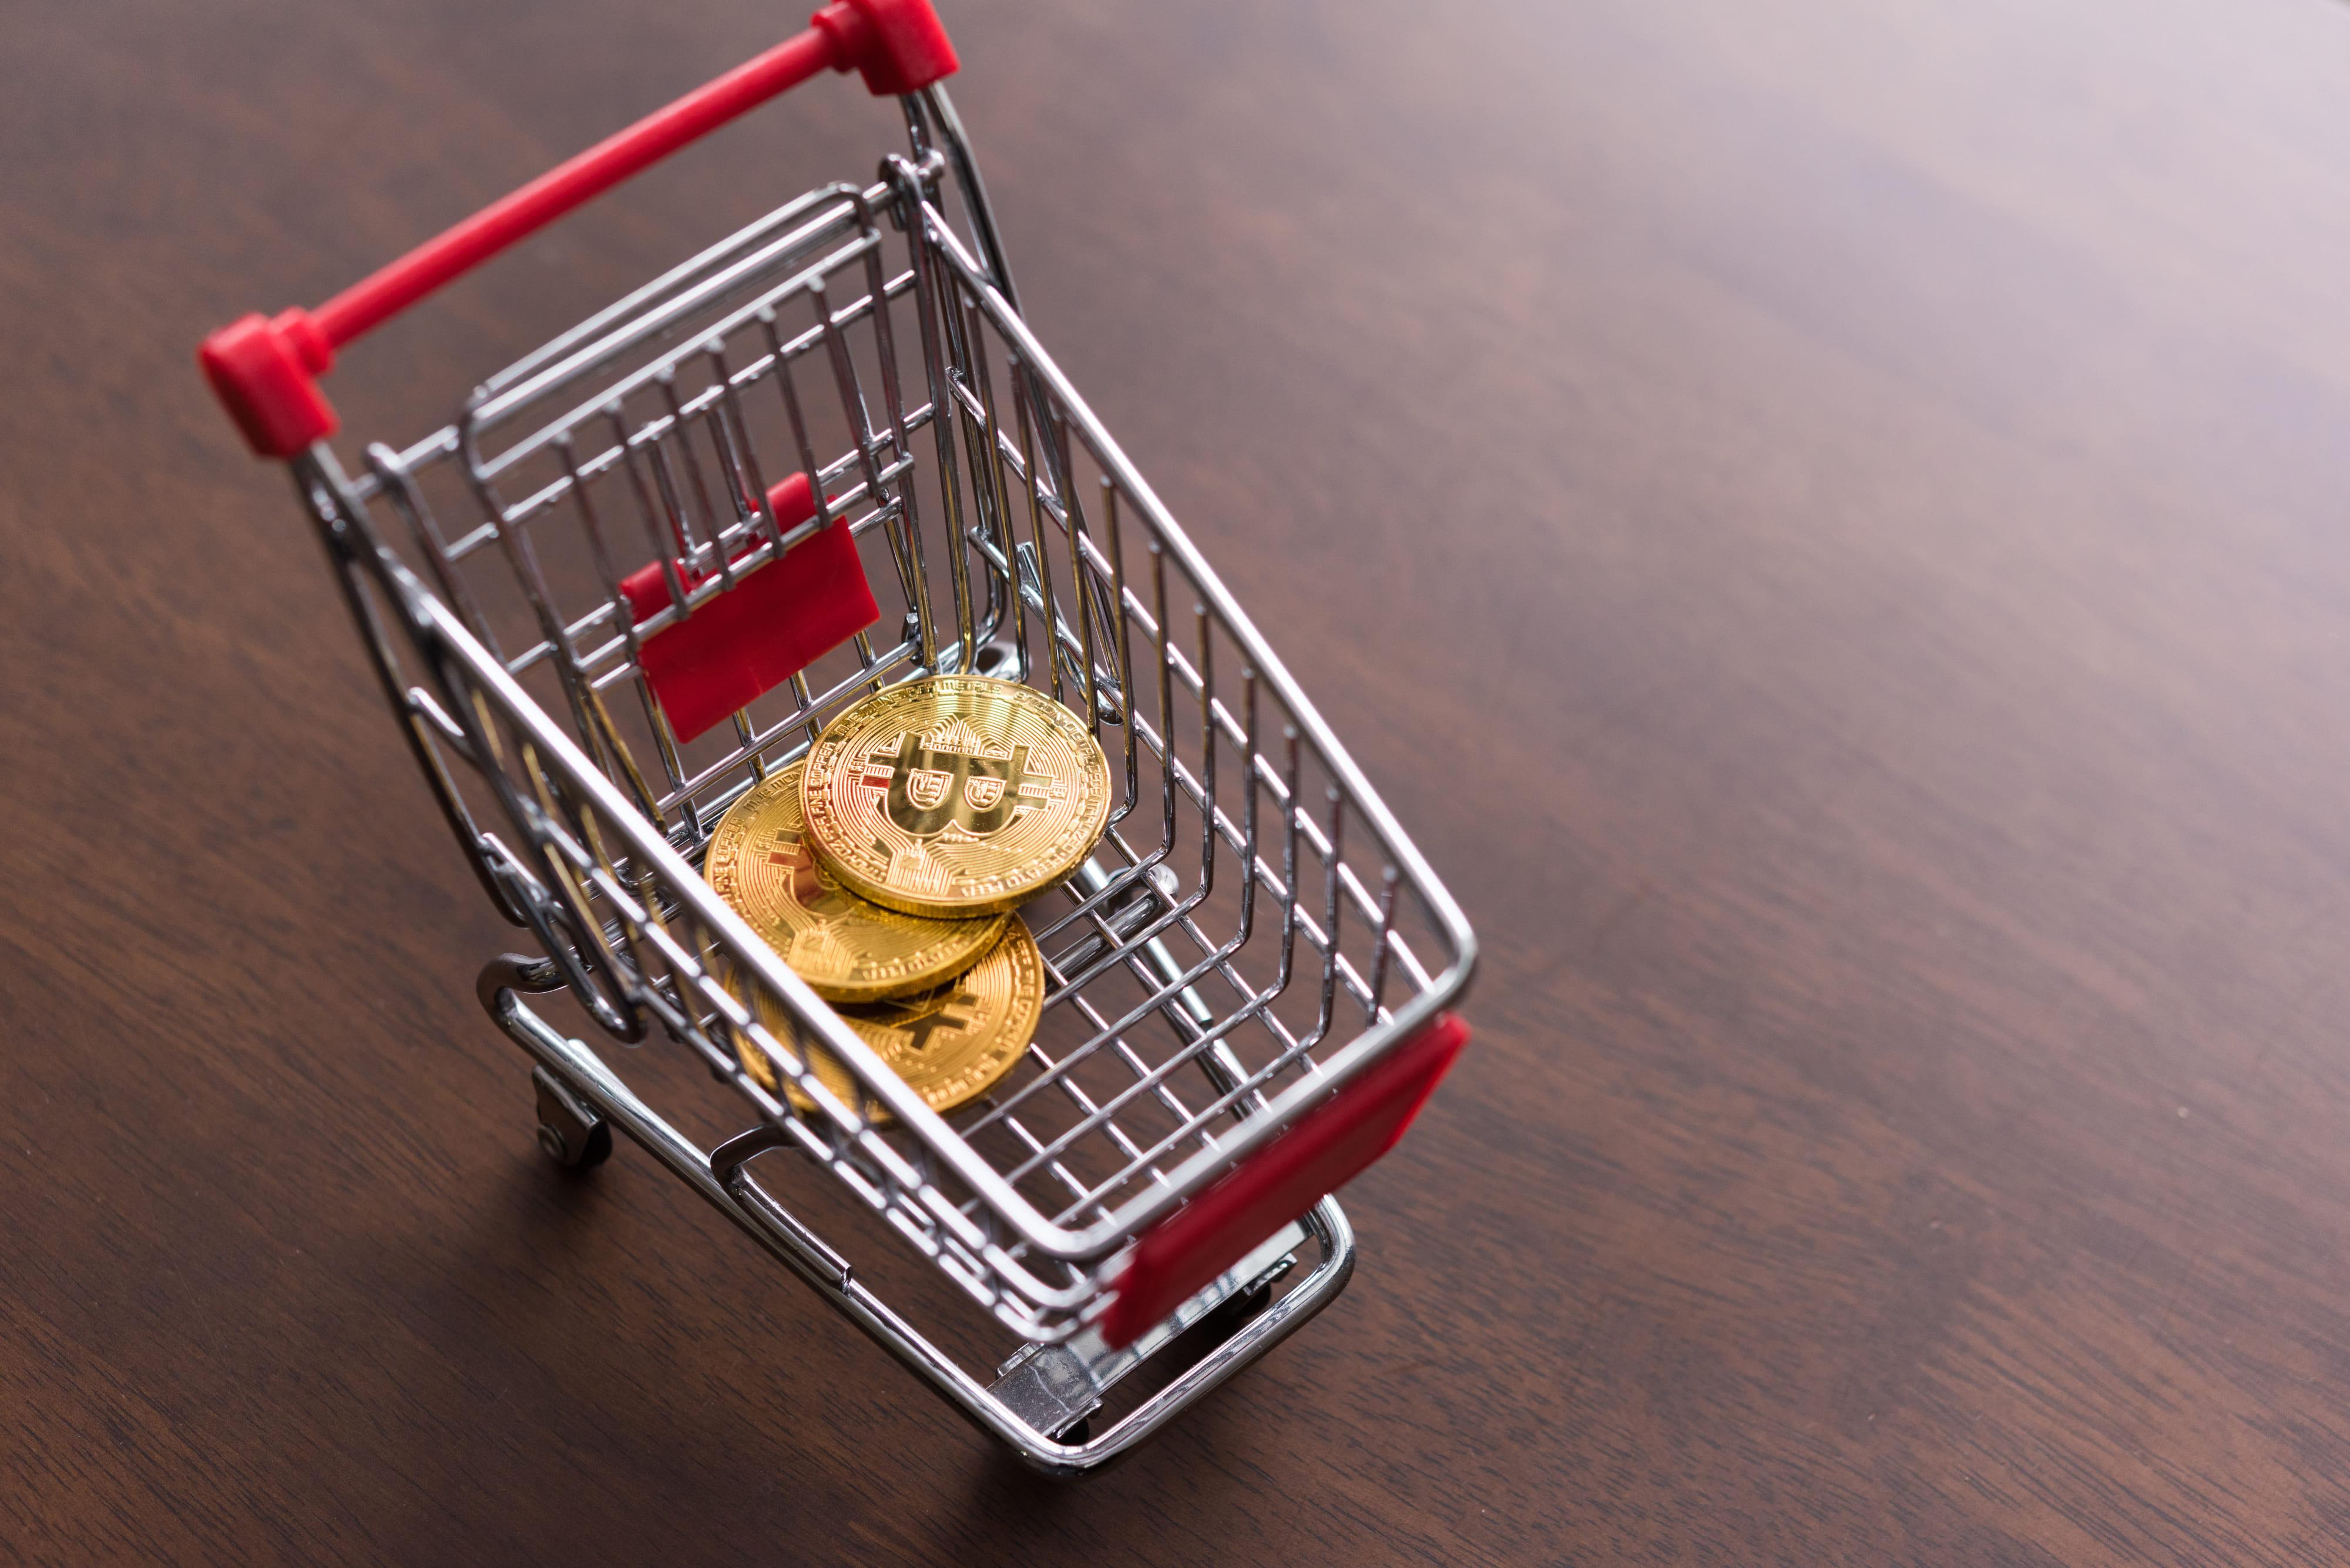 仮想通貨のクイック入金とは?通常入金との違いや入金方法について